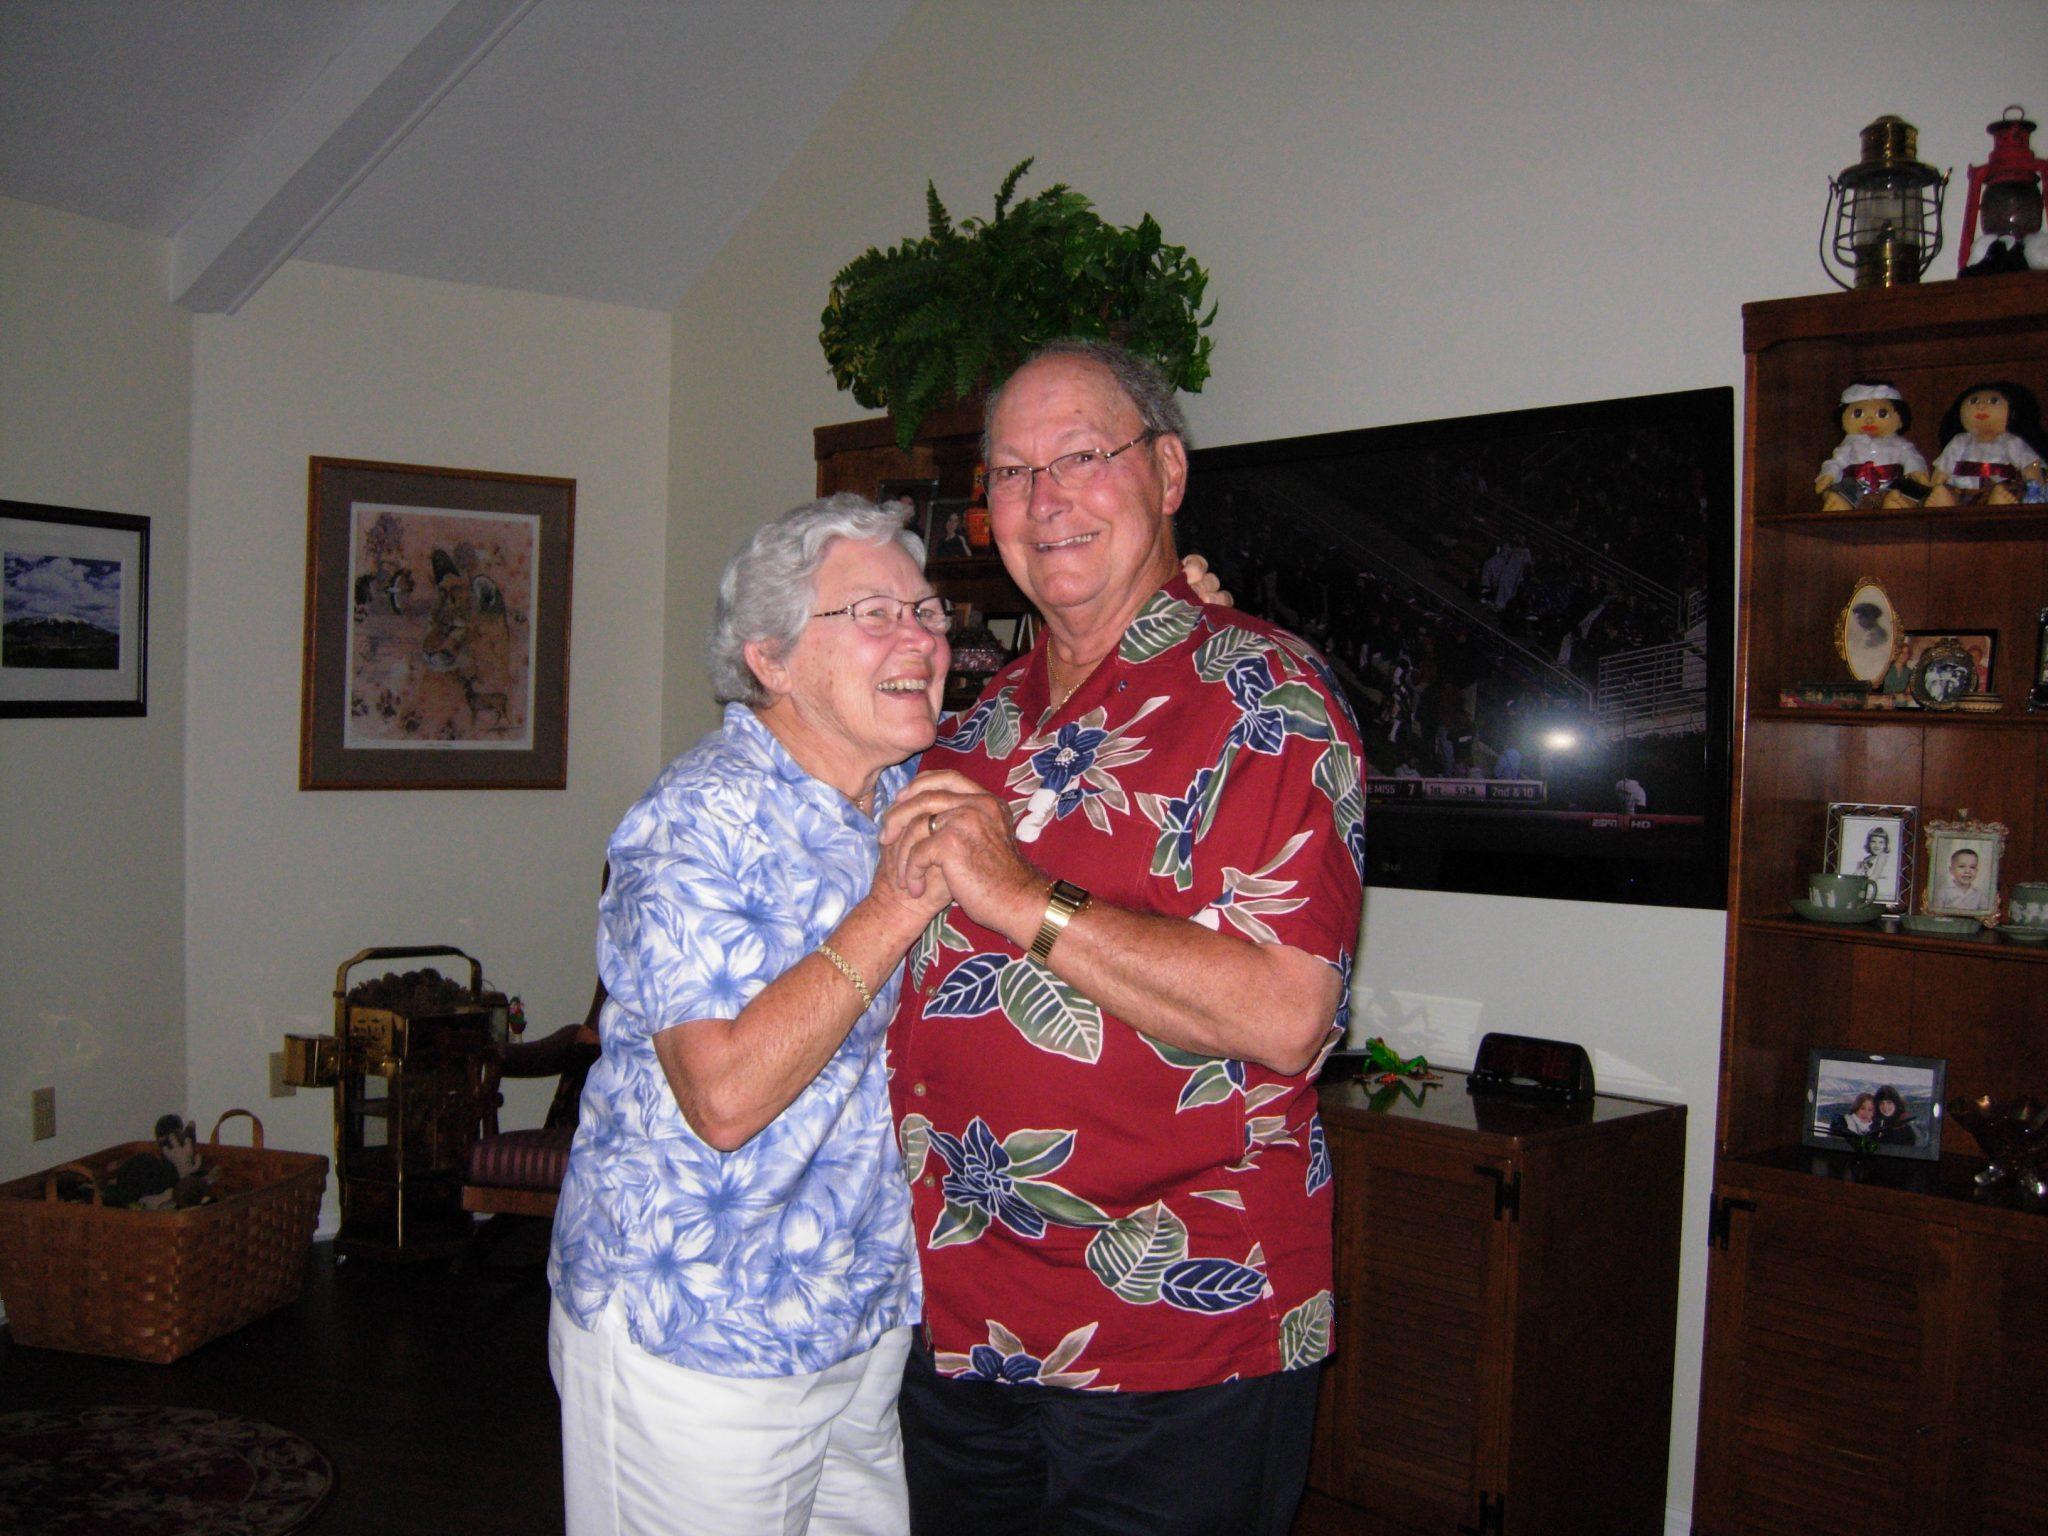 Gramps and Grandma enjoying life together!